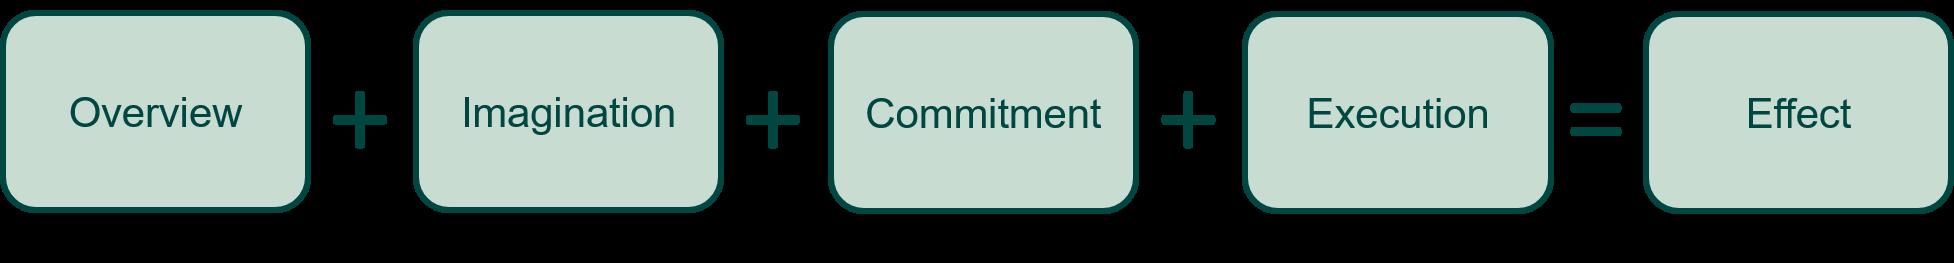 Change management - Engagement, eksekvering er lig effekt vers. 2